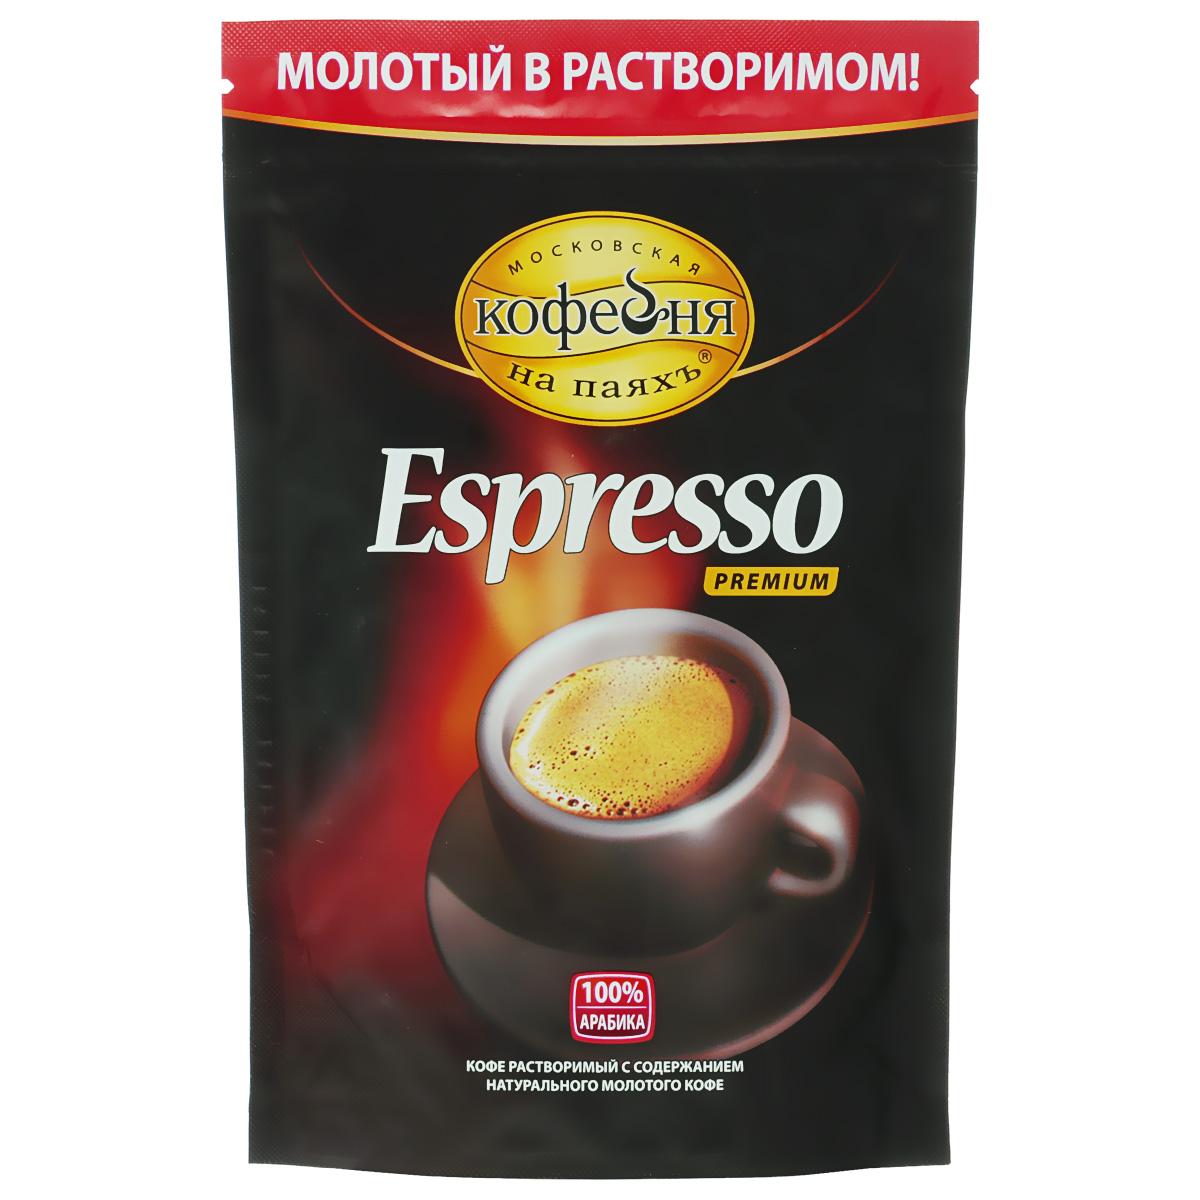 Московская кофейня на паяхъ Espresso кофе рaствоpимый, пакет 95 г4601985000991